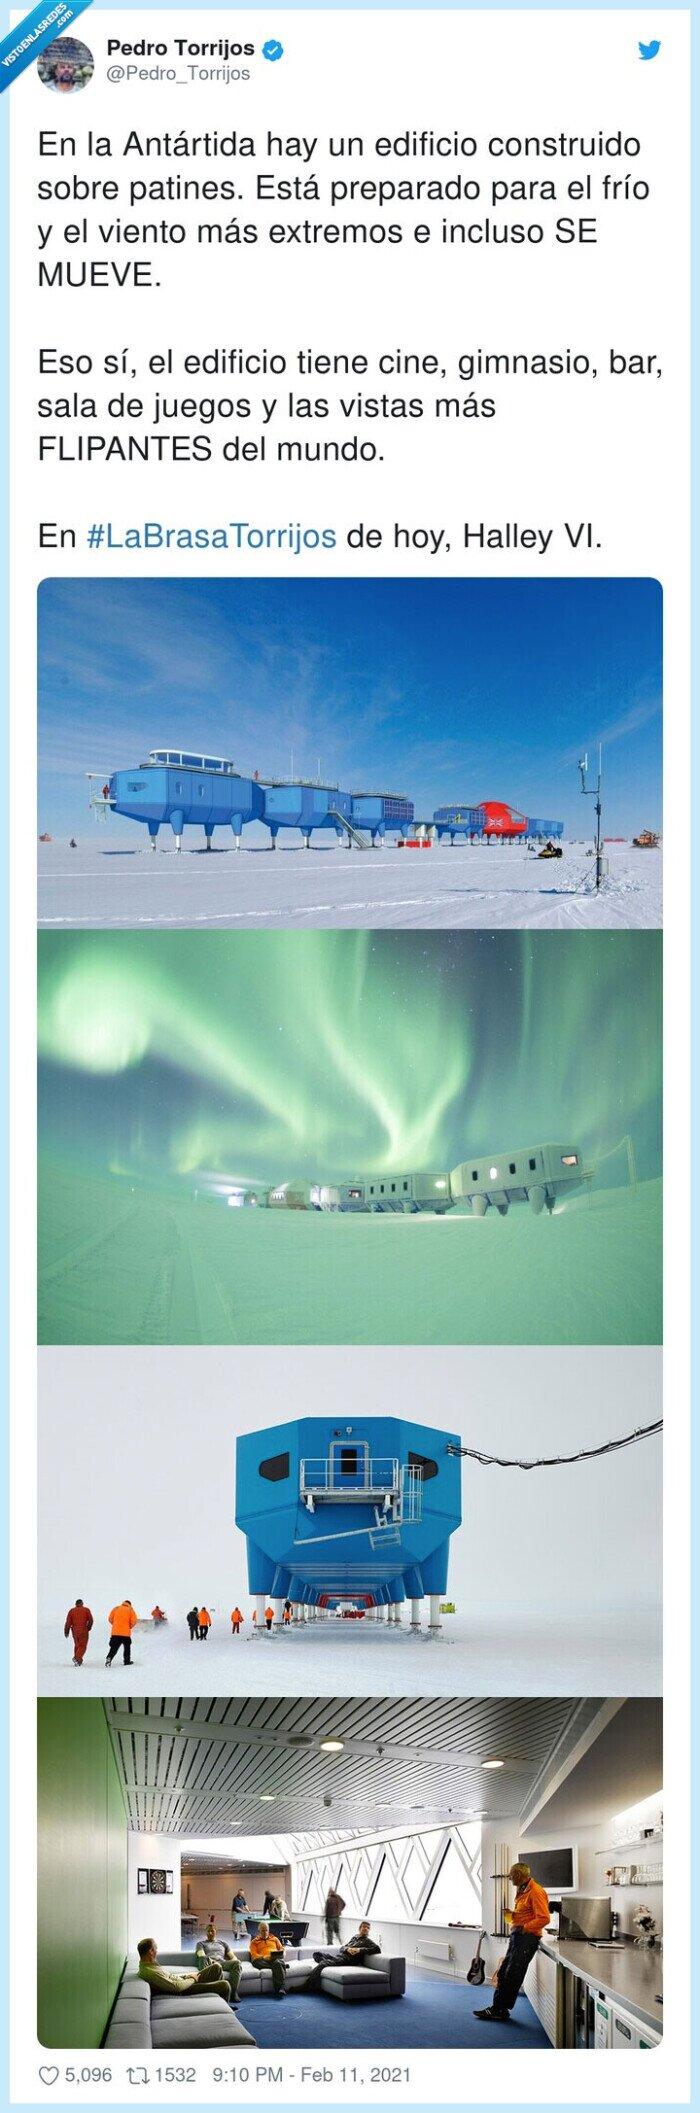 #labrasatorrijos,antártida,construcción,edificio